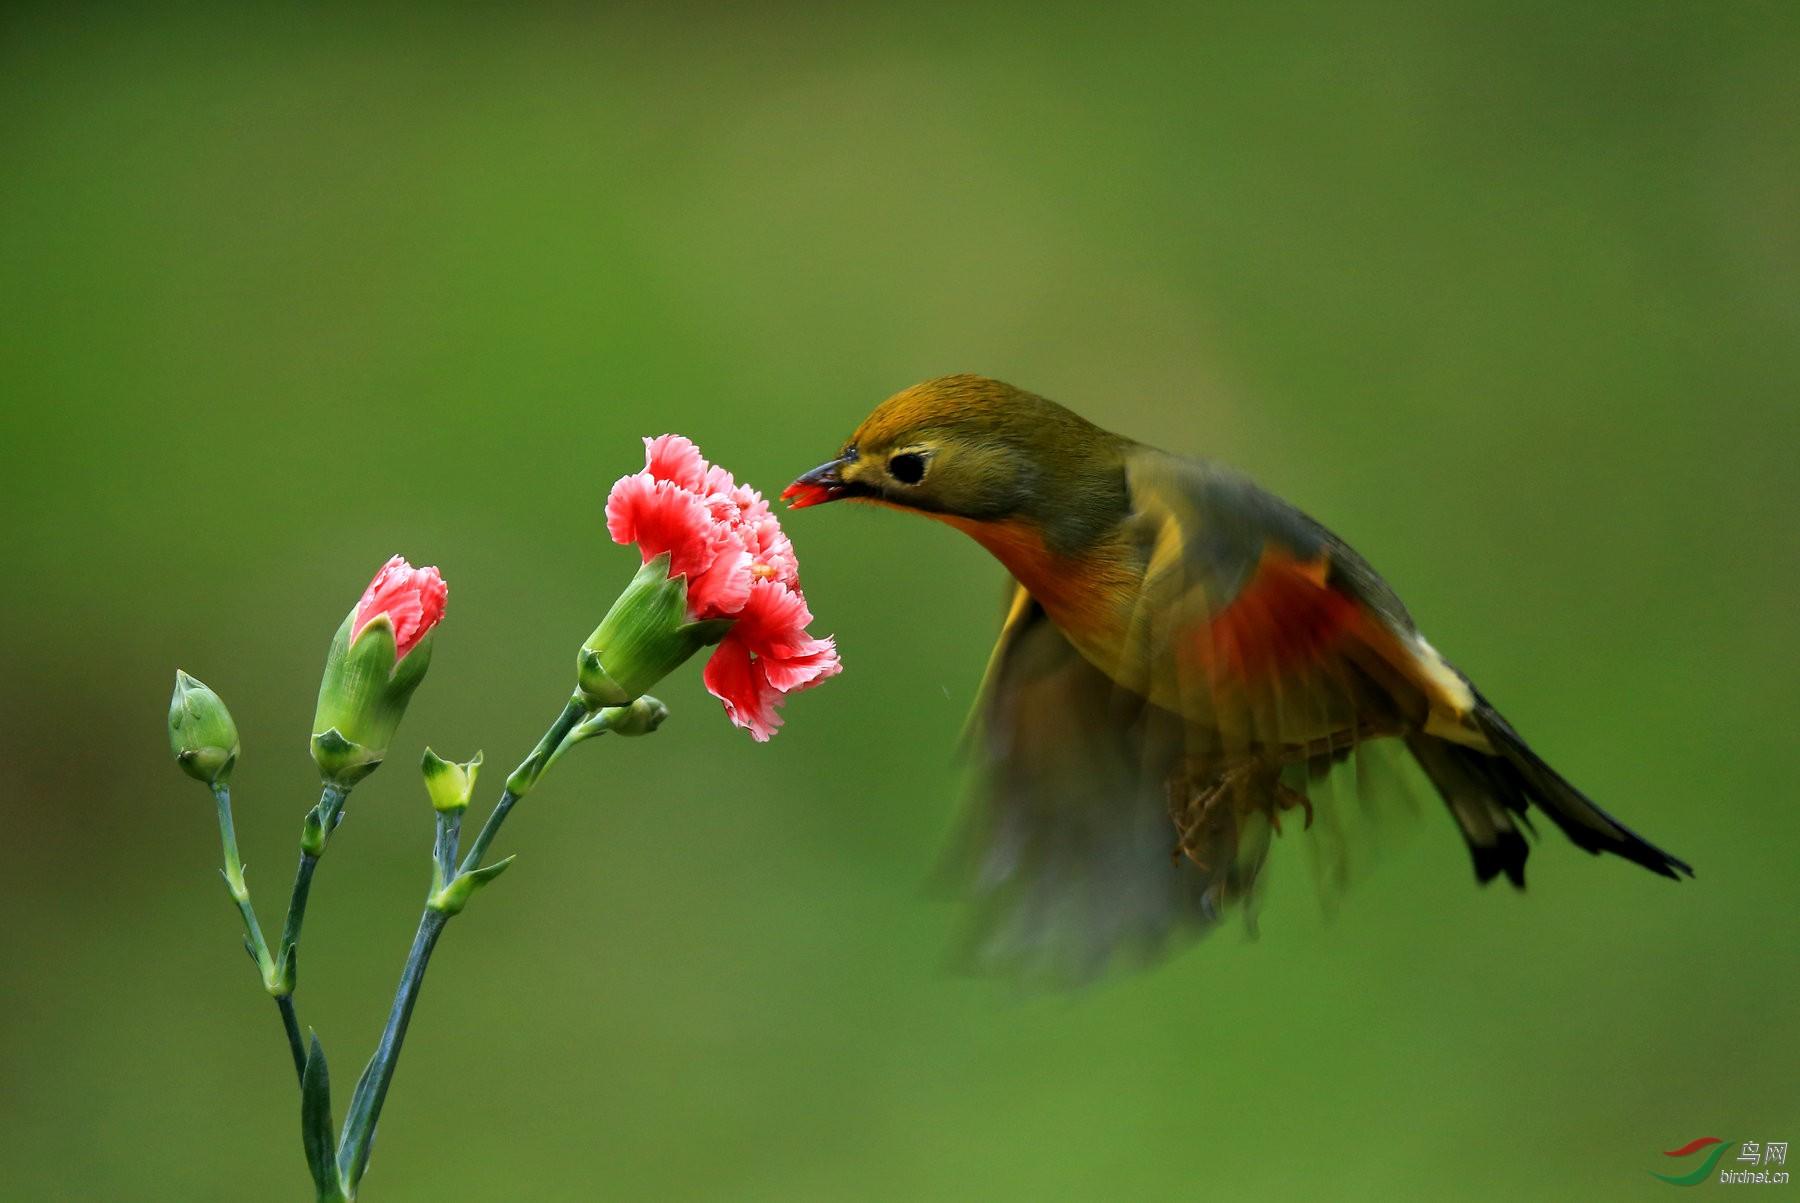 红嘴相思鸟[动态版]-贵州版Guizhou鸟网漫画肚子刀捅图片